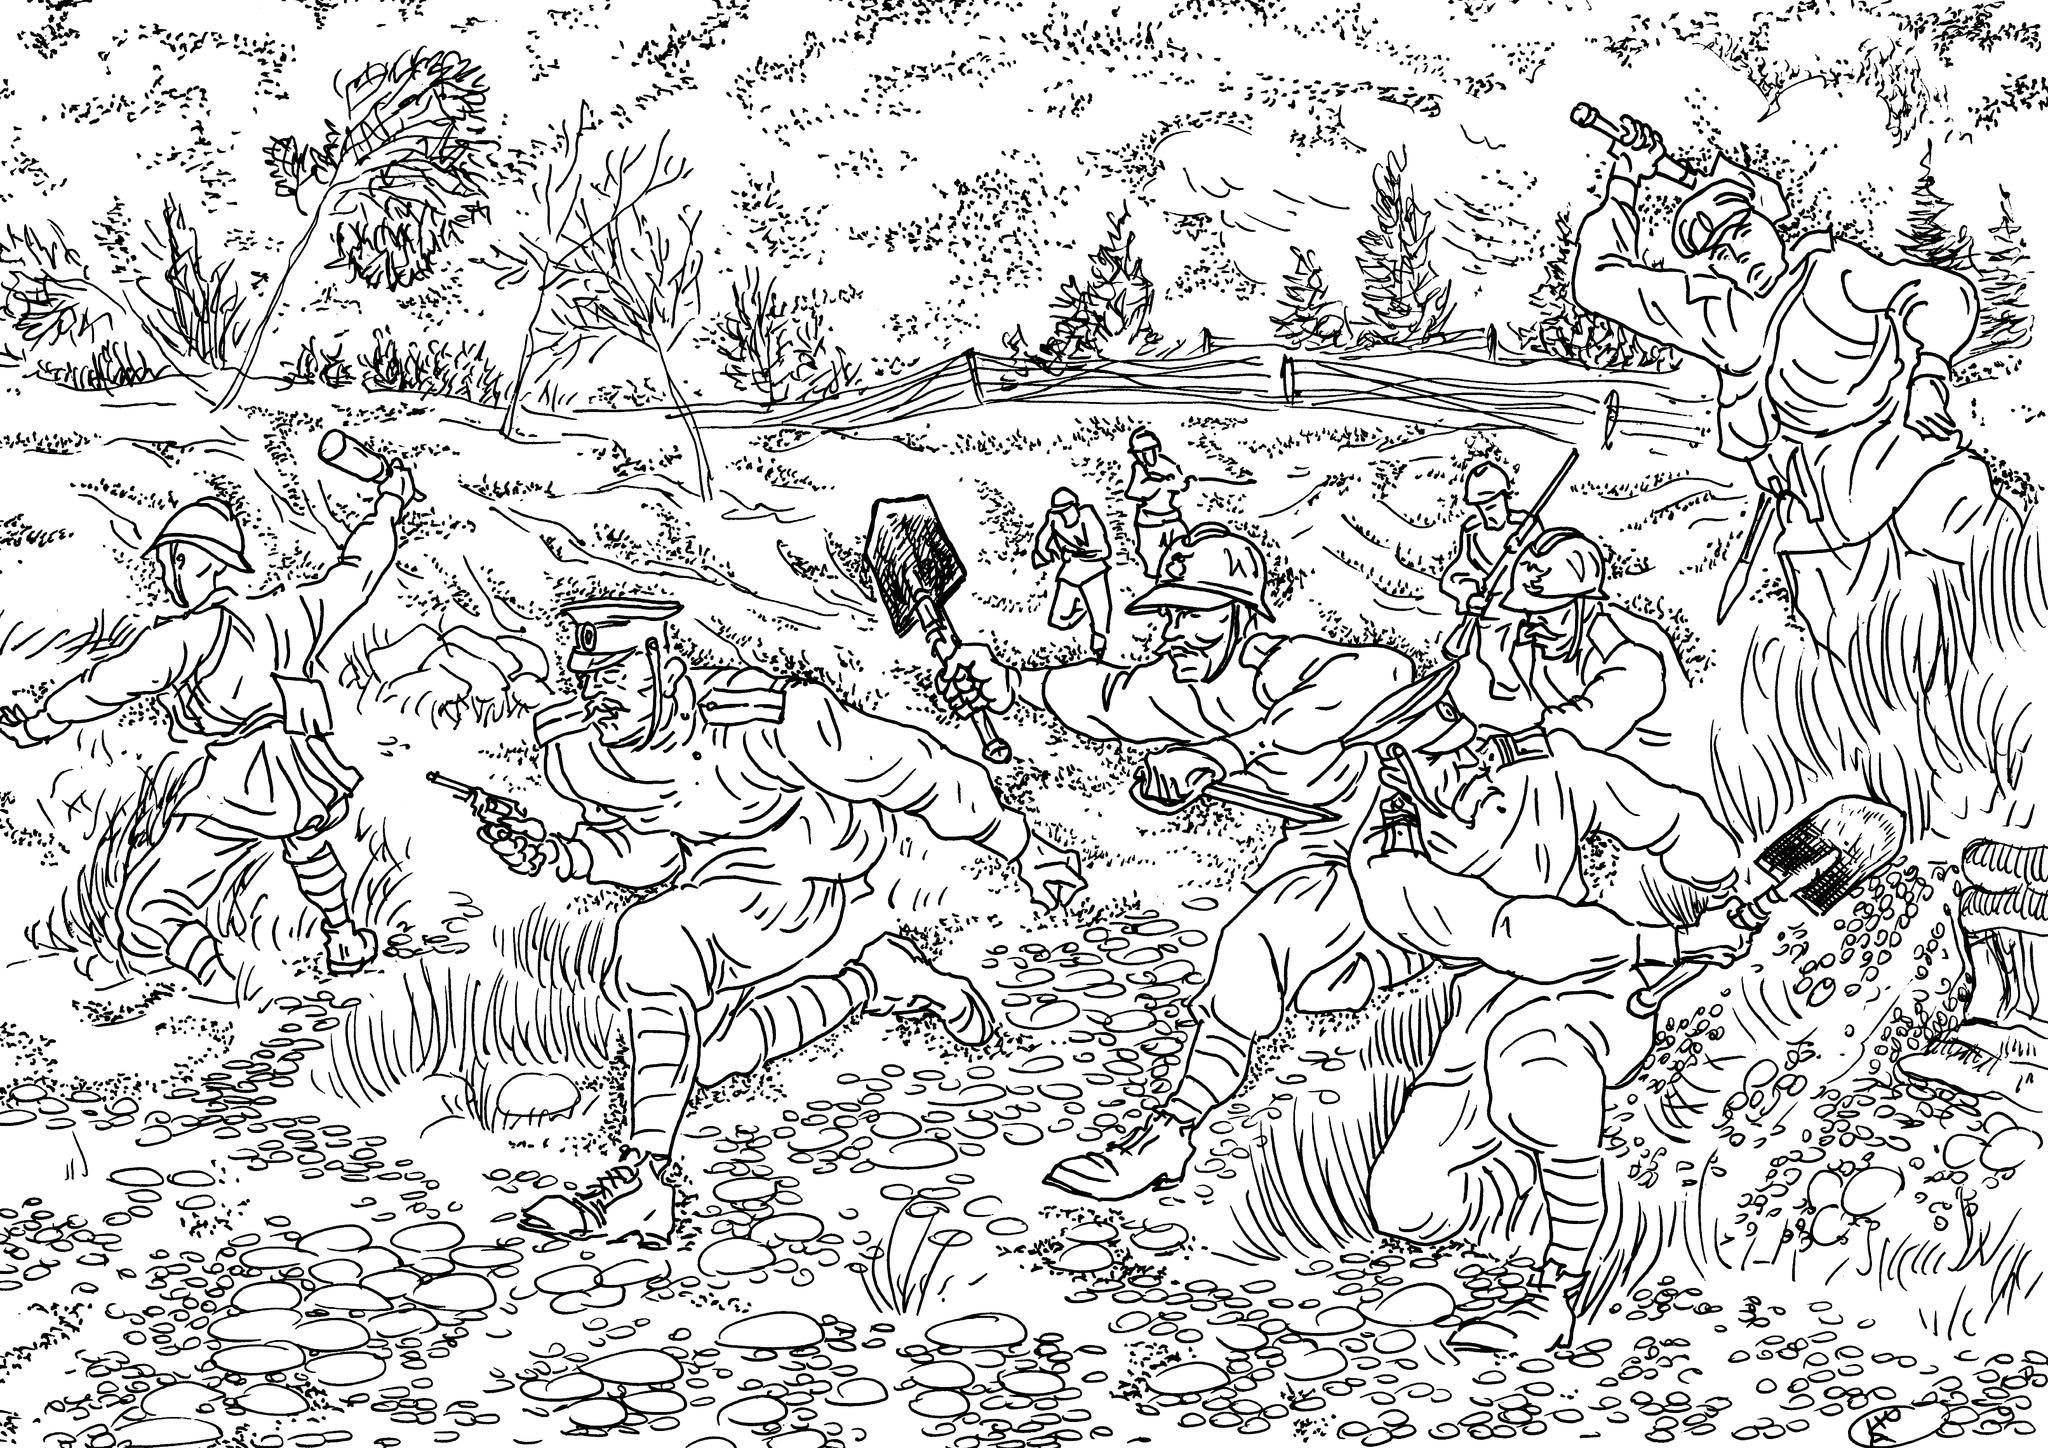 Гренадеры штурмуют траншею противника